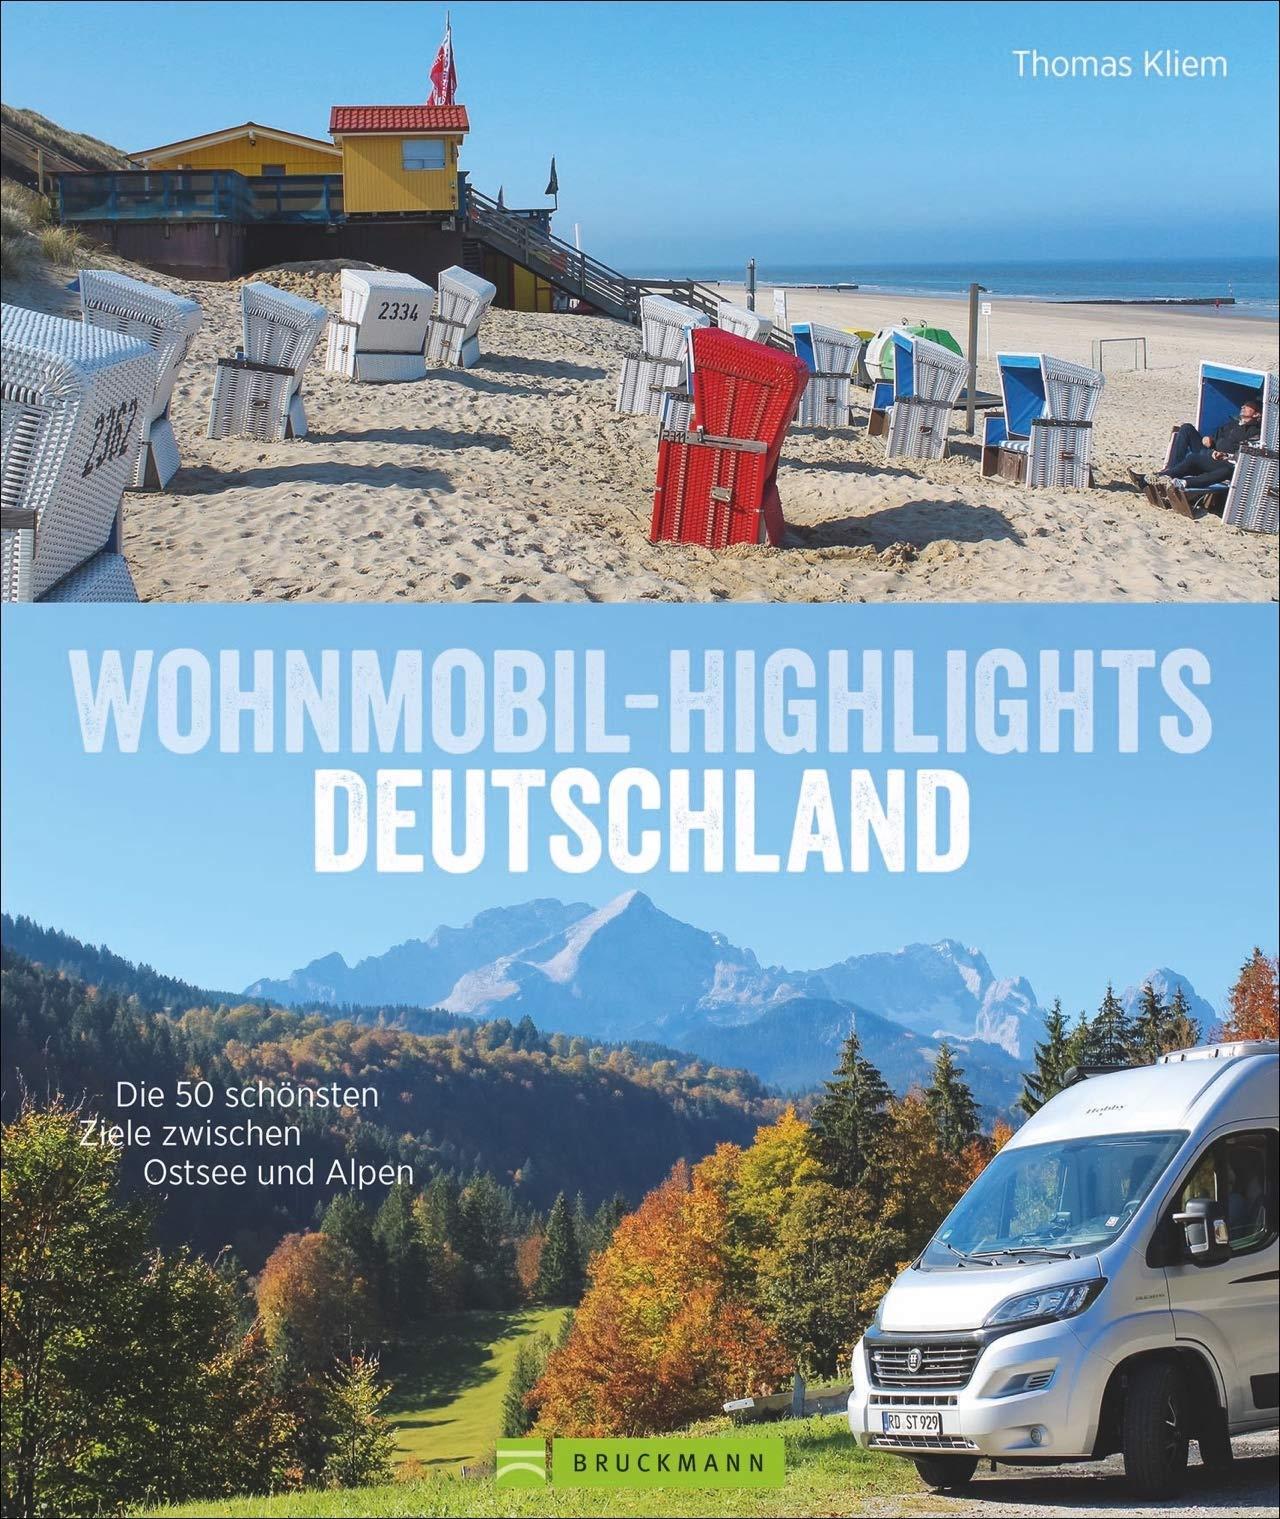 Wohnmobil Highlights Deutschland. Die 8 schönsten Ziele und